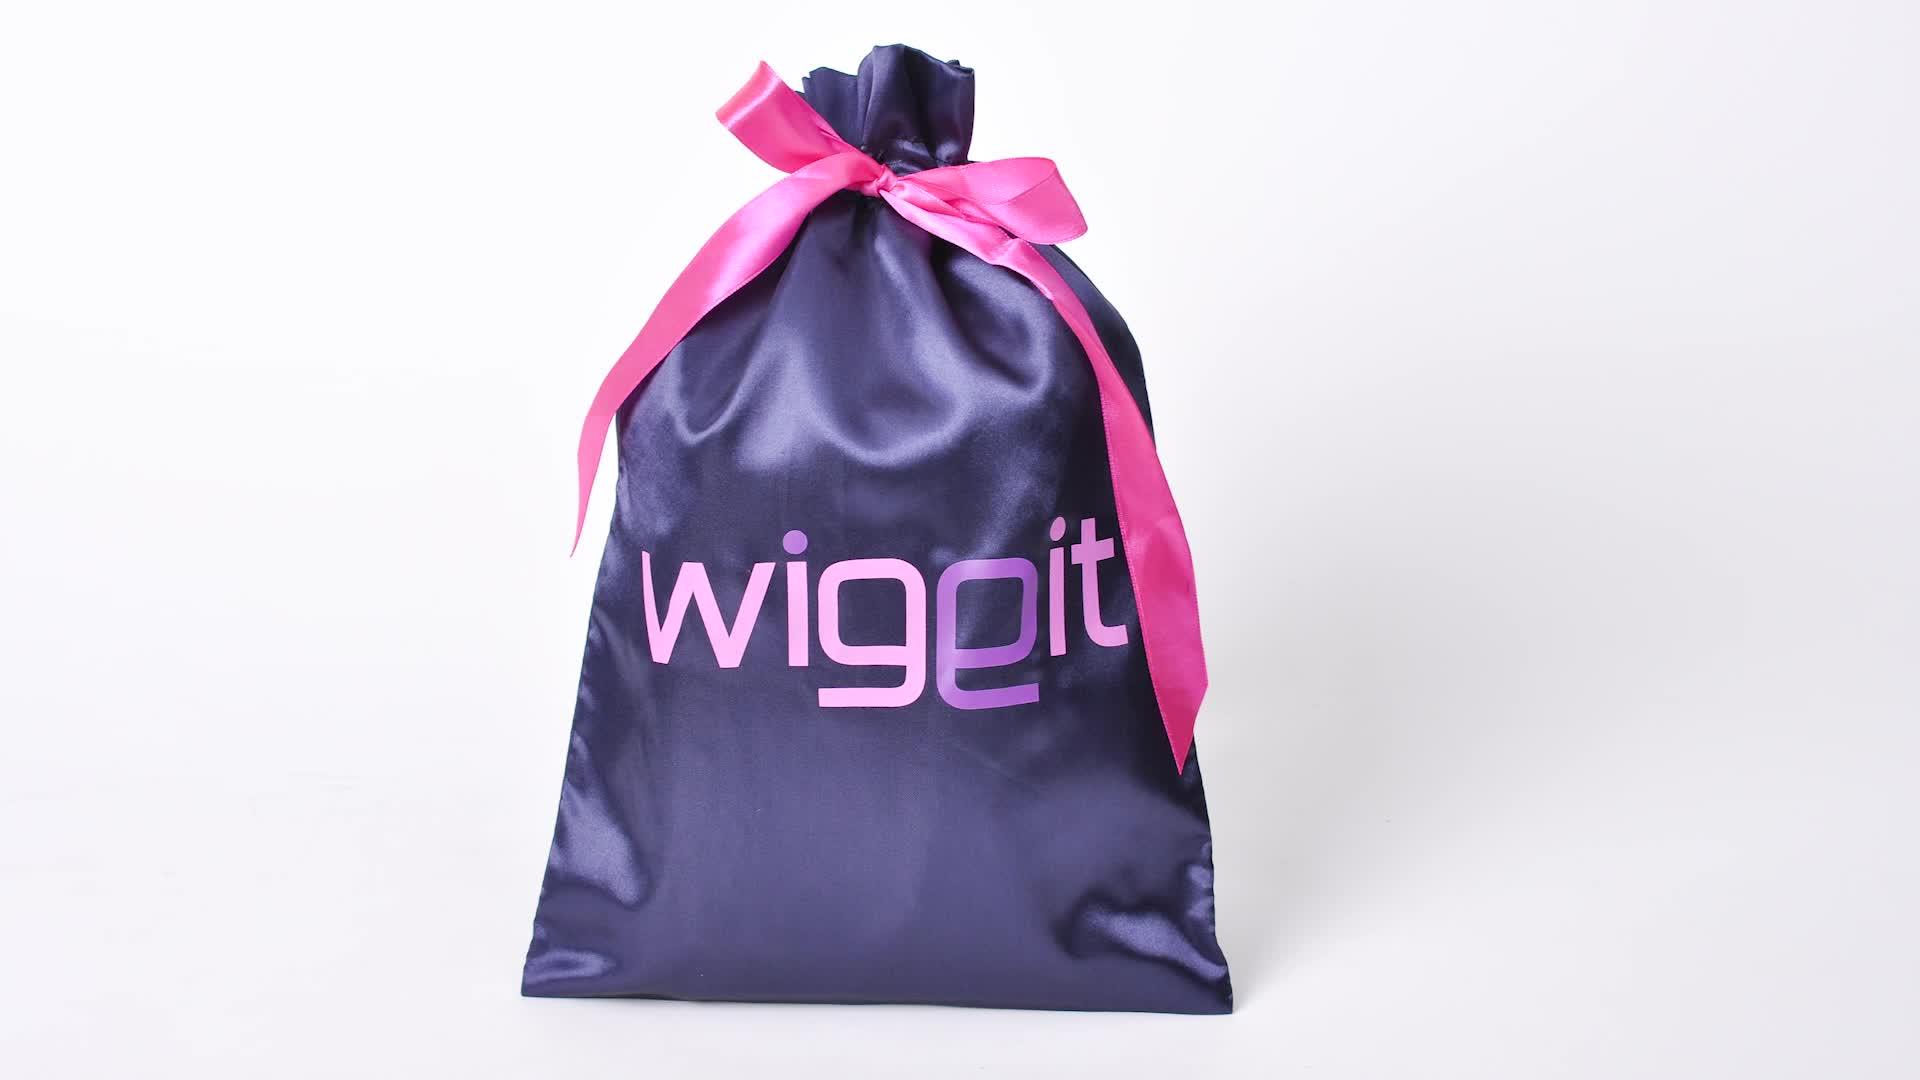 Hitam satin sutra ekstensi rambut tas dengan logo kustom dan rumbai